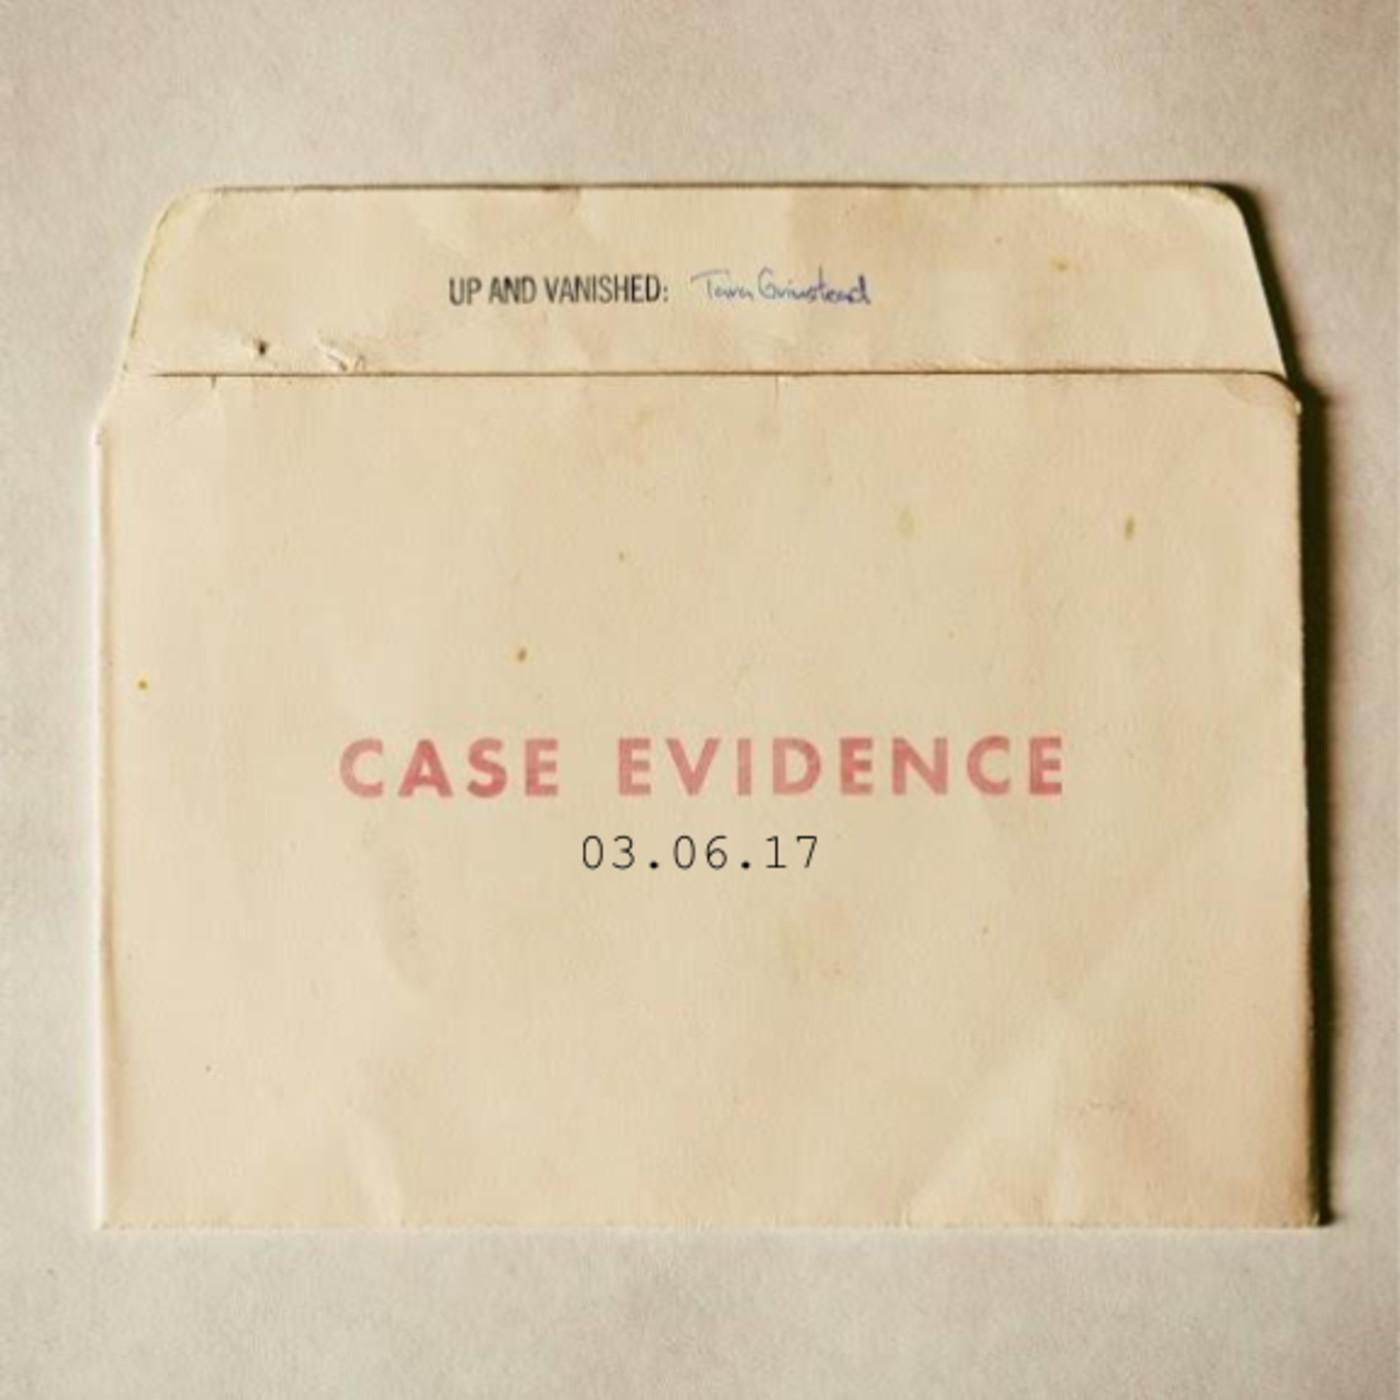 S1E : Case Evidence 03.06.17